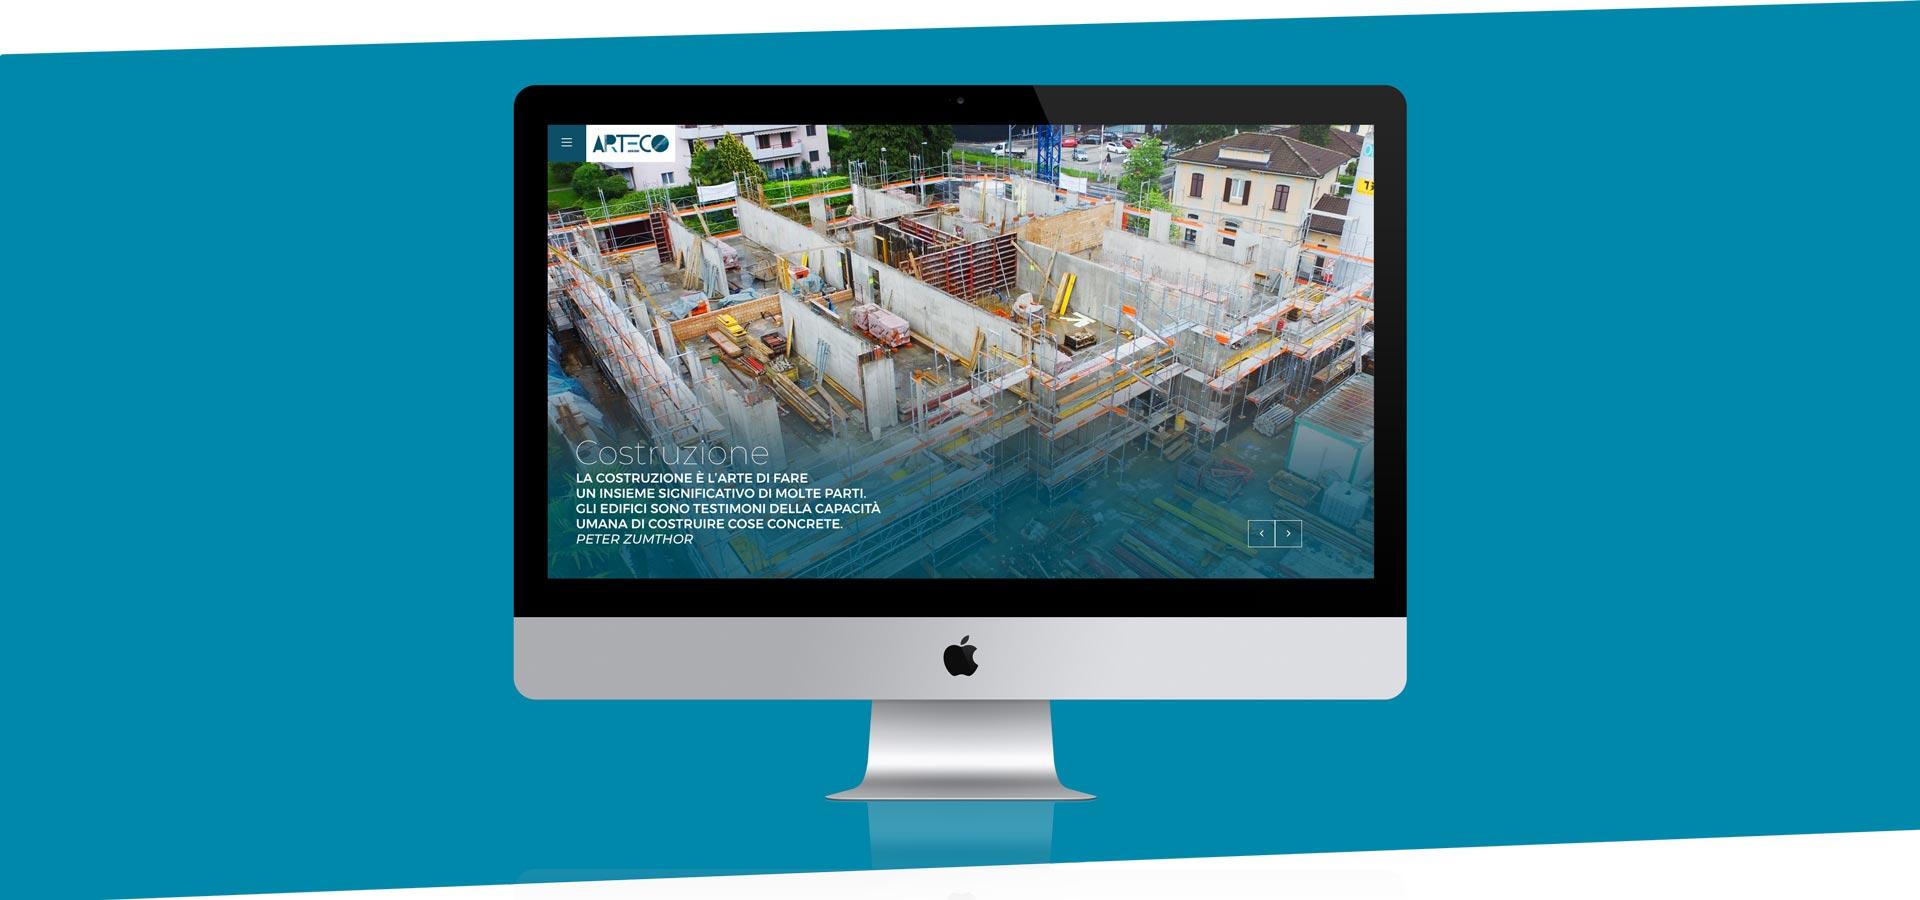 GSite Arteco web site